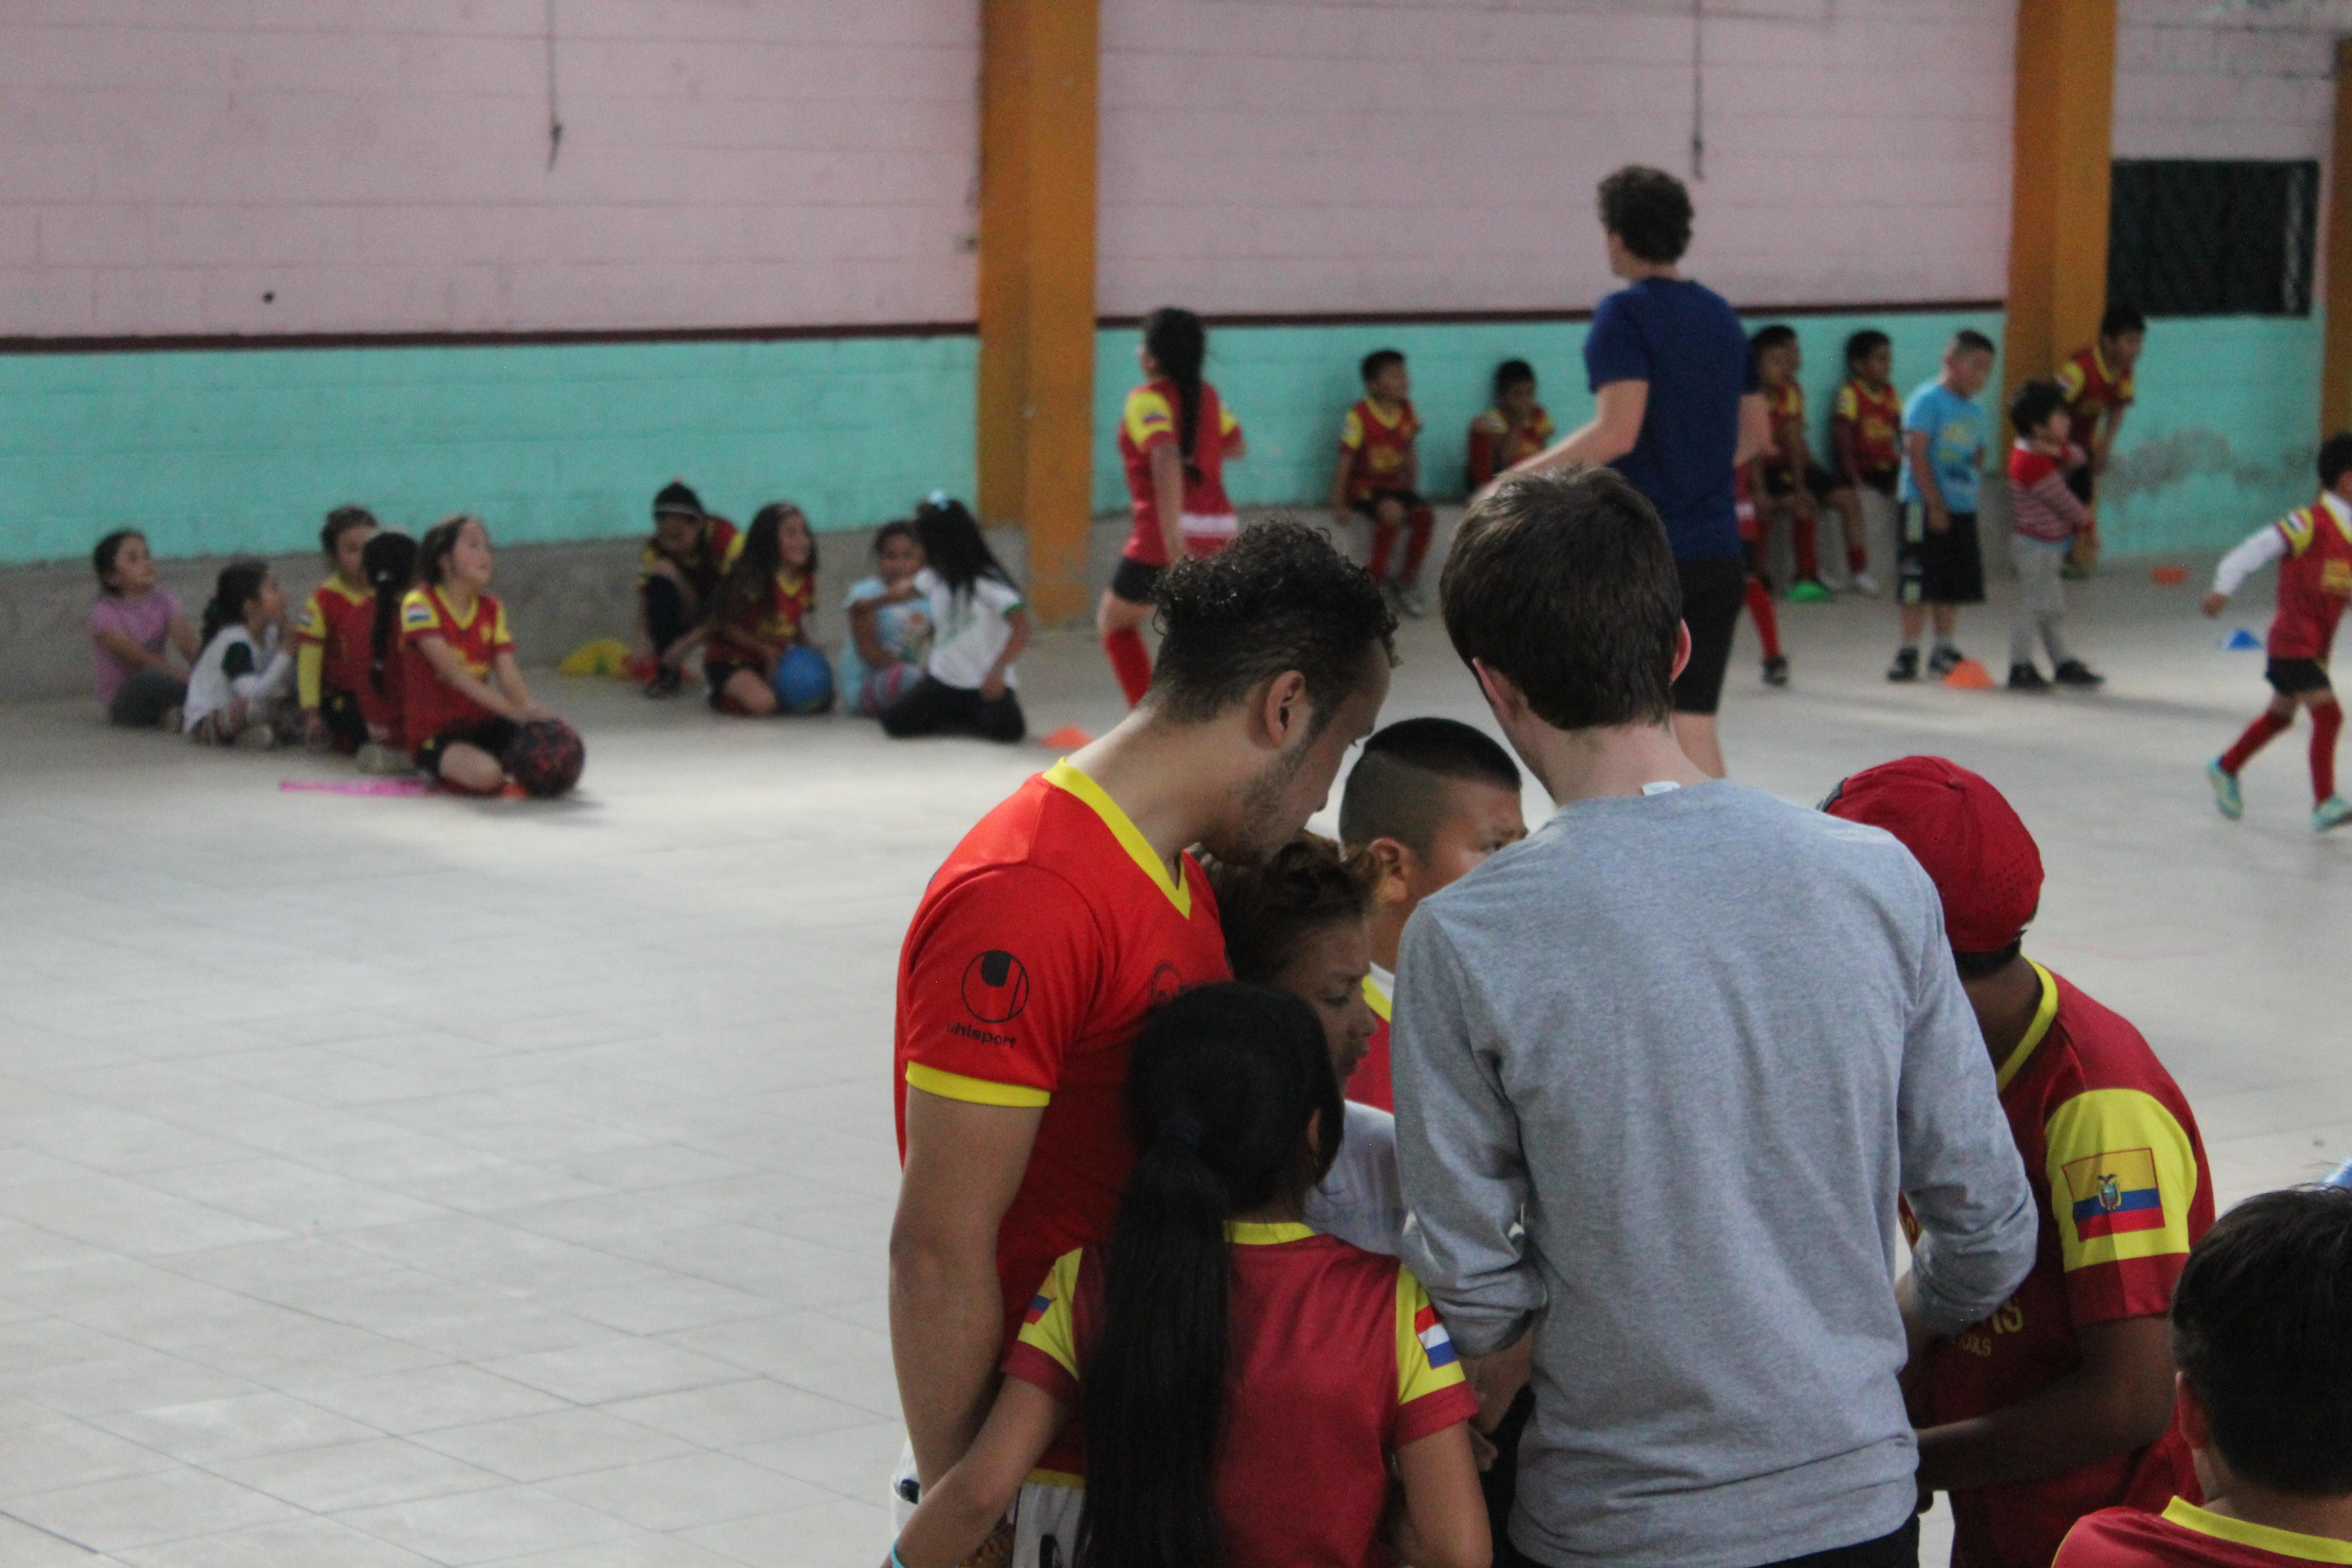 Omdat we ons in Ecuador middenin het regenseizoen bevinden trainen we tijdelijk binnen. De ruimte is wat kleiner, maar de pret en het fanatisme zijn er niet minder om.